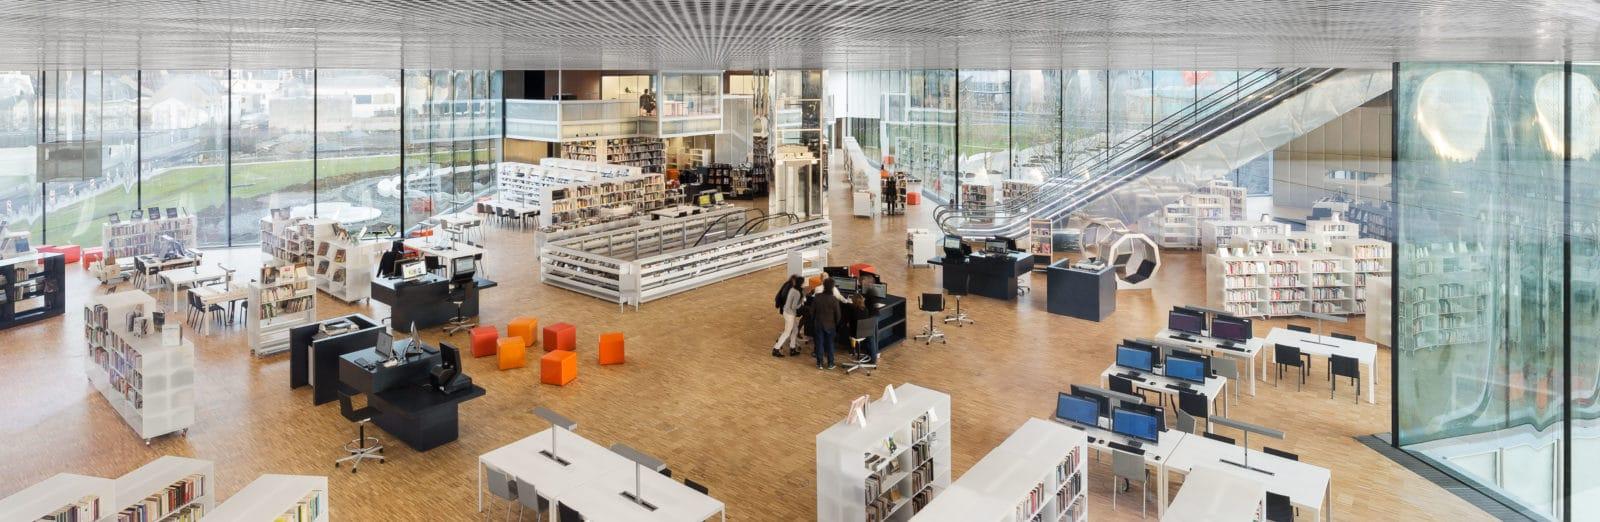 09_Bibliothèque Alexis de Tocqueville_ Photo by Delfino Sisto Legnani and Marco Cappelletti